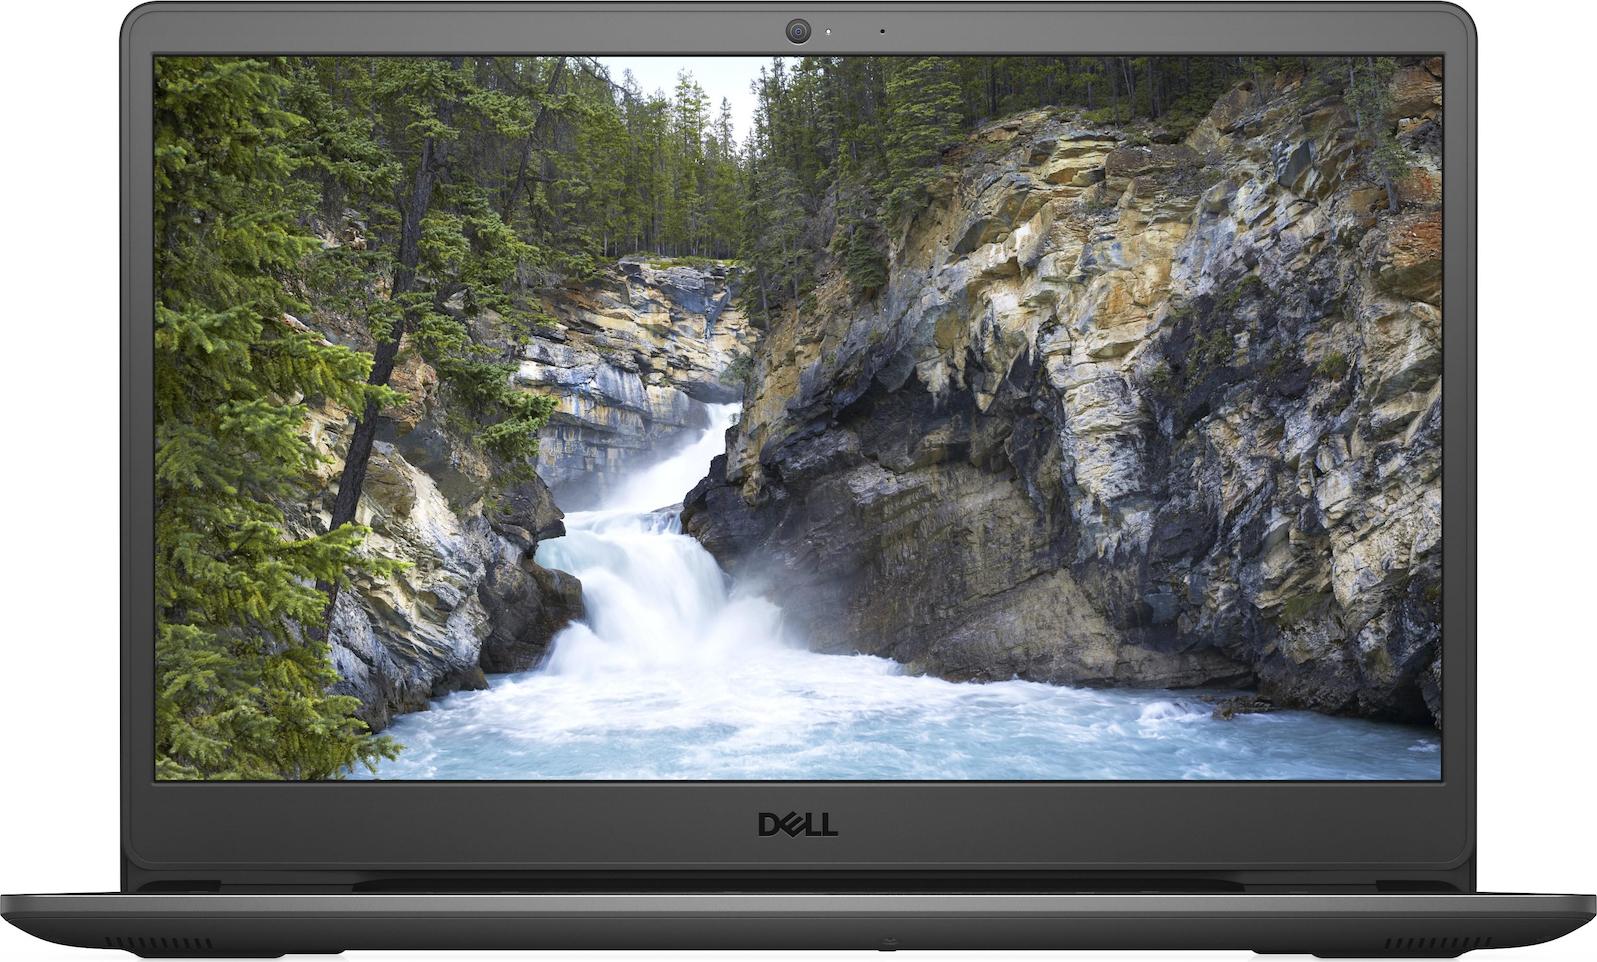 Dell Inspiron 3501 (i3-1005G1/4GB/256GB/FHD/W10 Home)